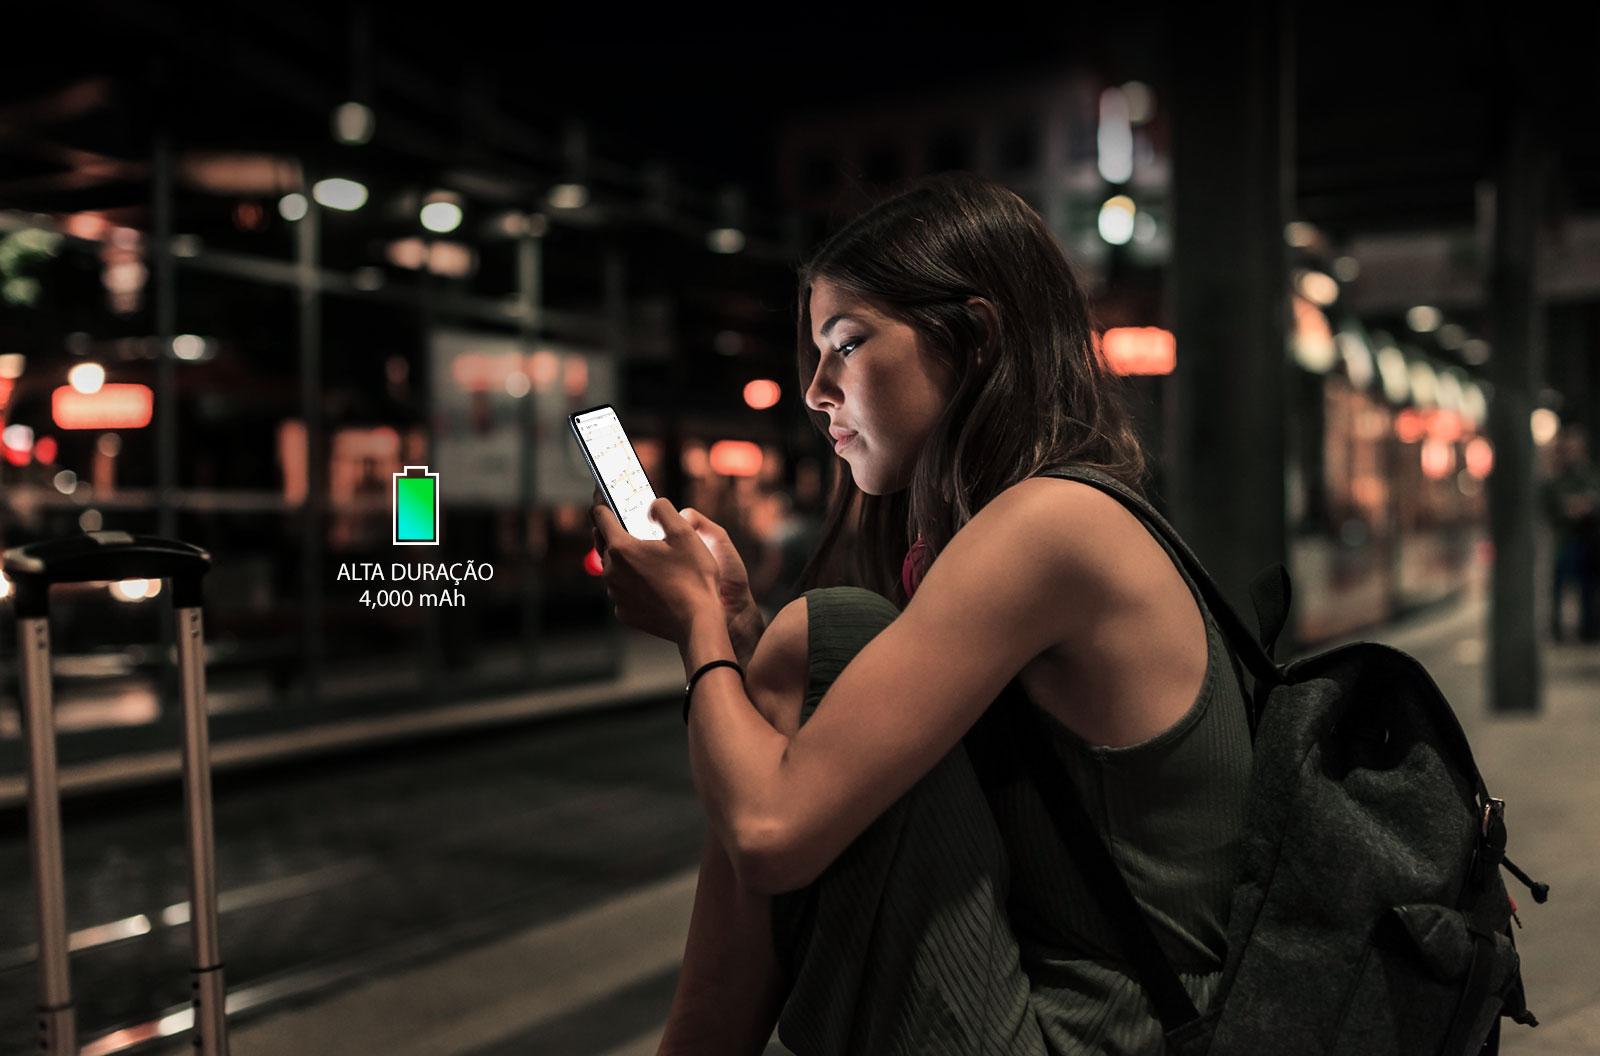 Mulher navegando na internet com seu smartphone à noite, numa estação de metrô, com bateria suficiente